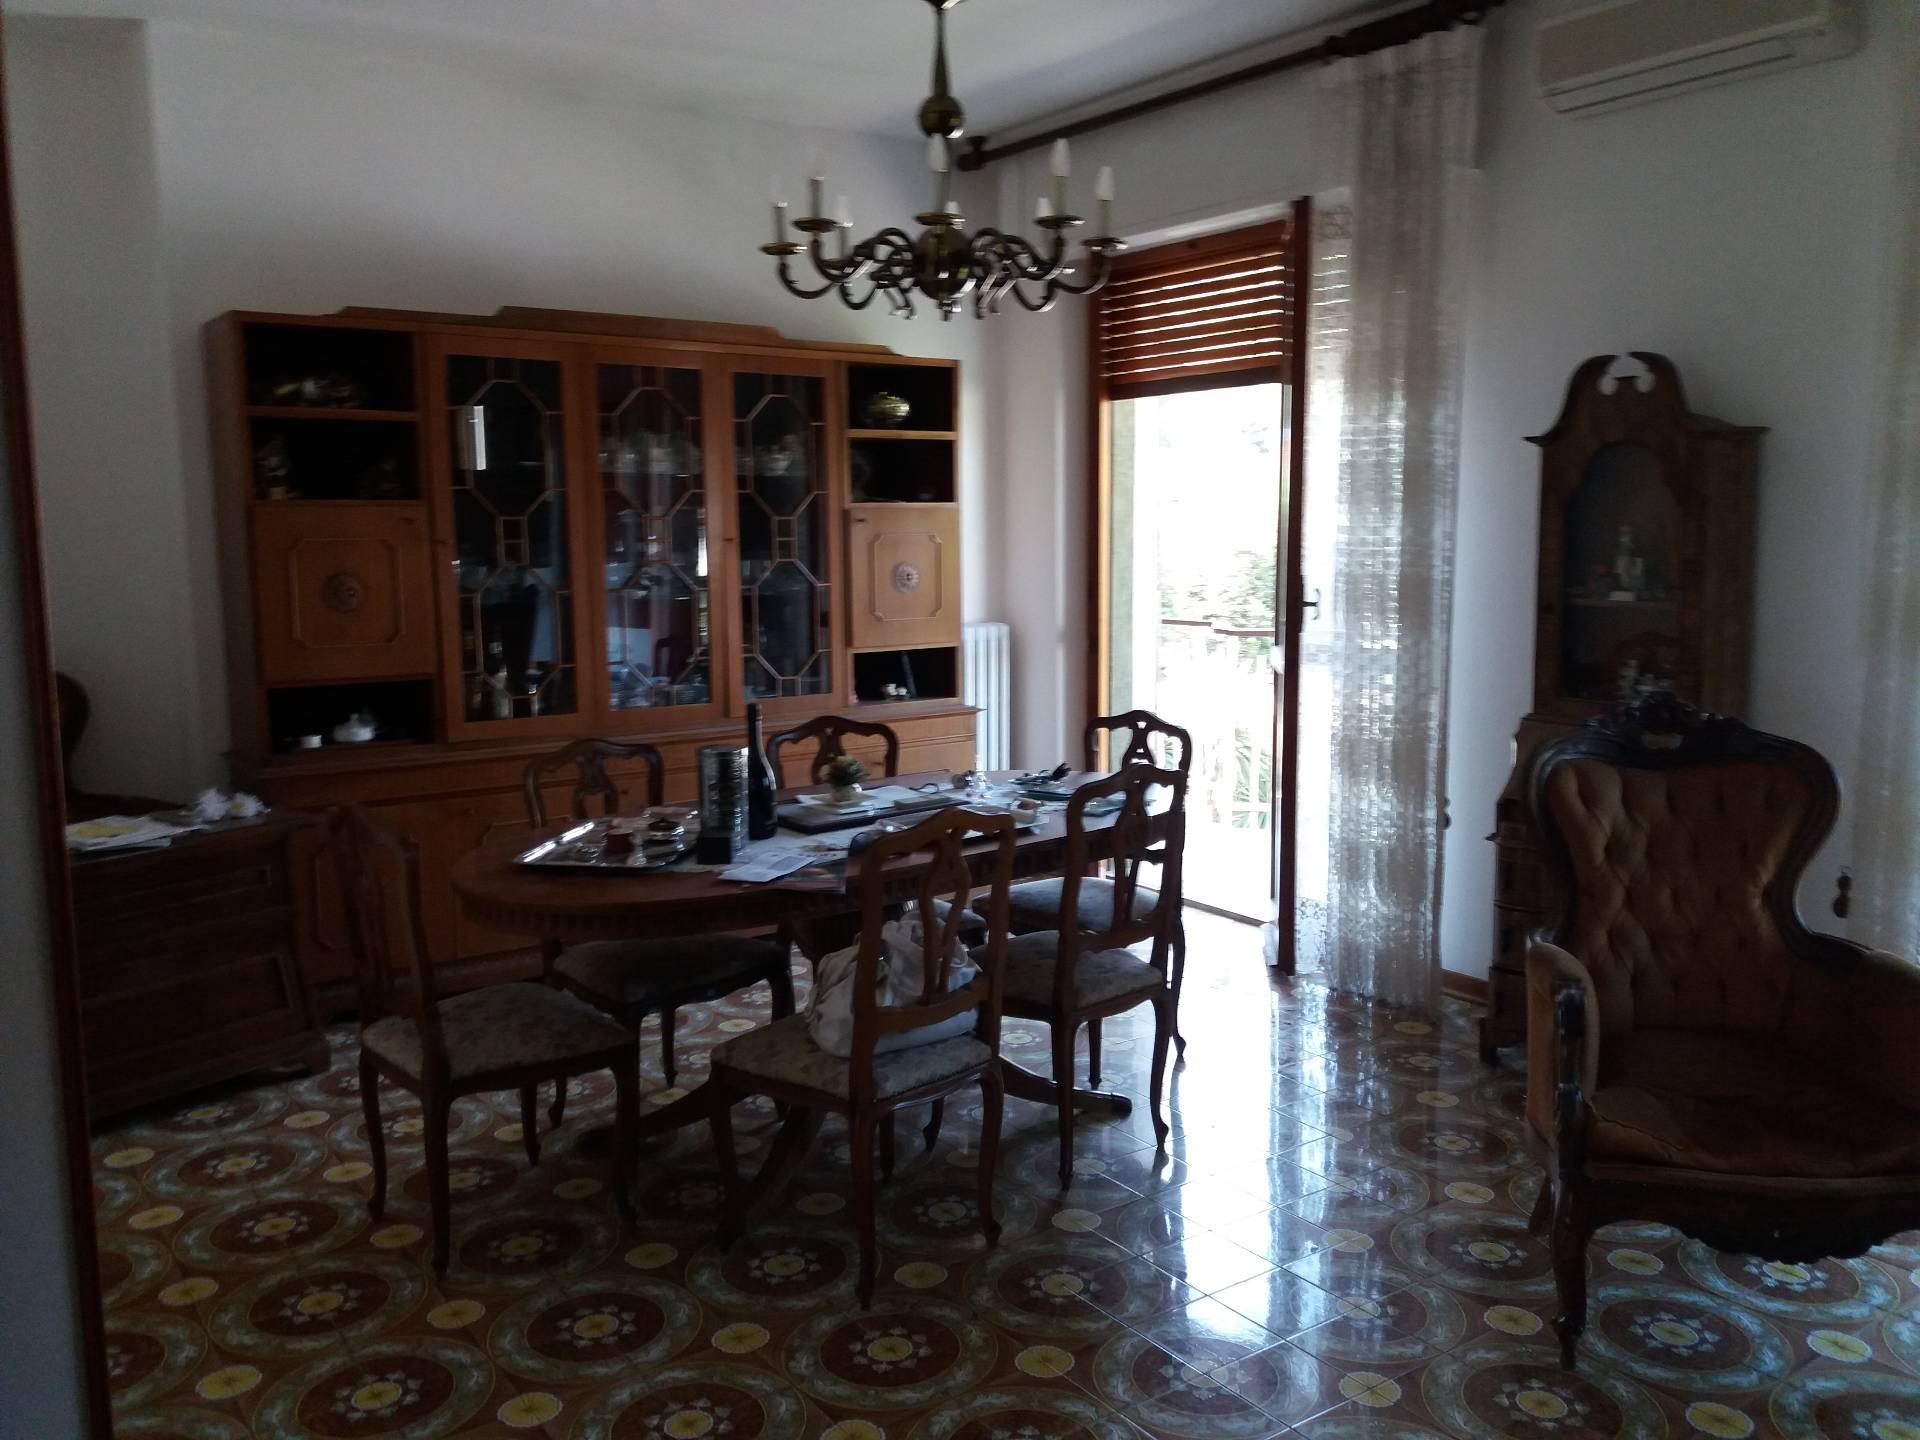 Appartamento in vendita a Ascoli Piceno, 7 locali, zona Località: P.taMaggiore, prezzo € 198.000 | Cambio Casa.it